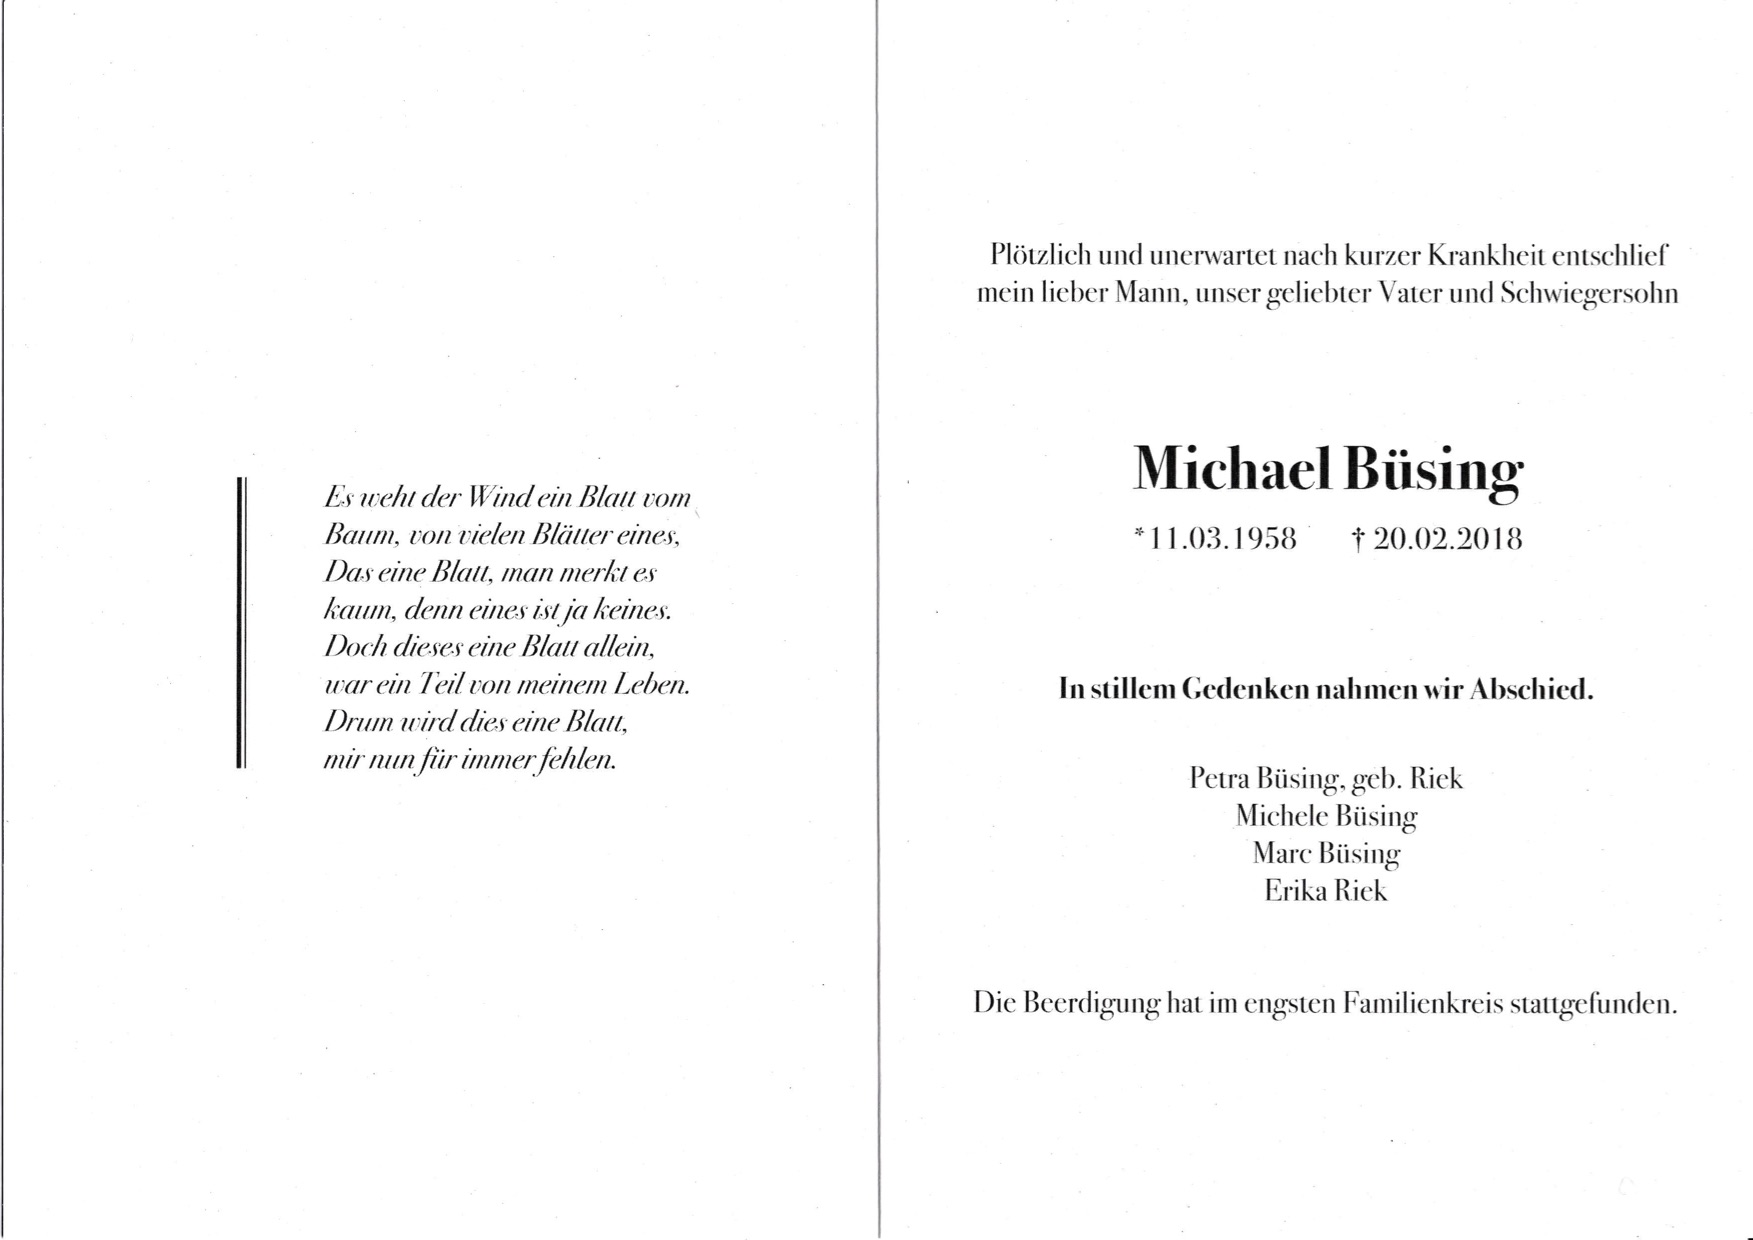 Michael Büsing ist nicht mehr